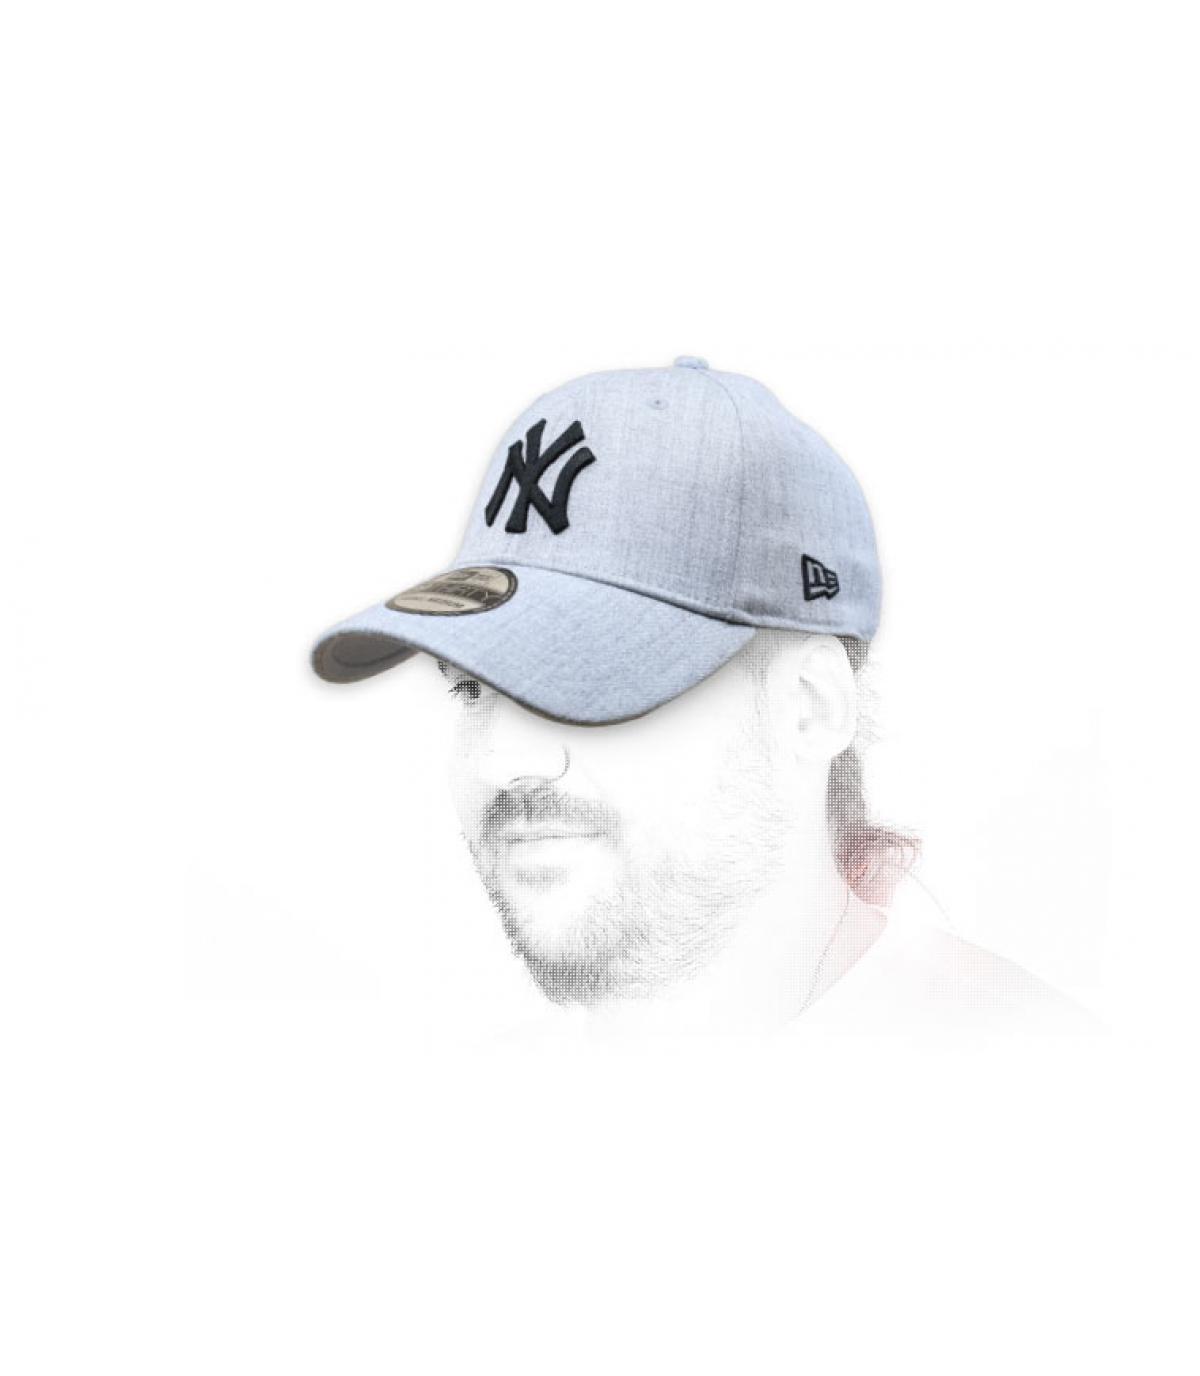 cappellino NY grigio nero